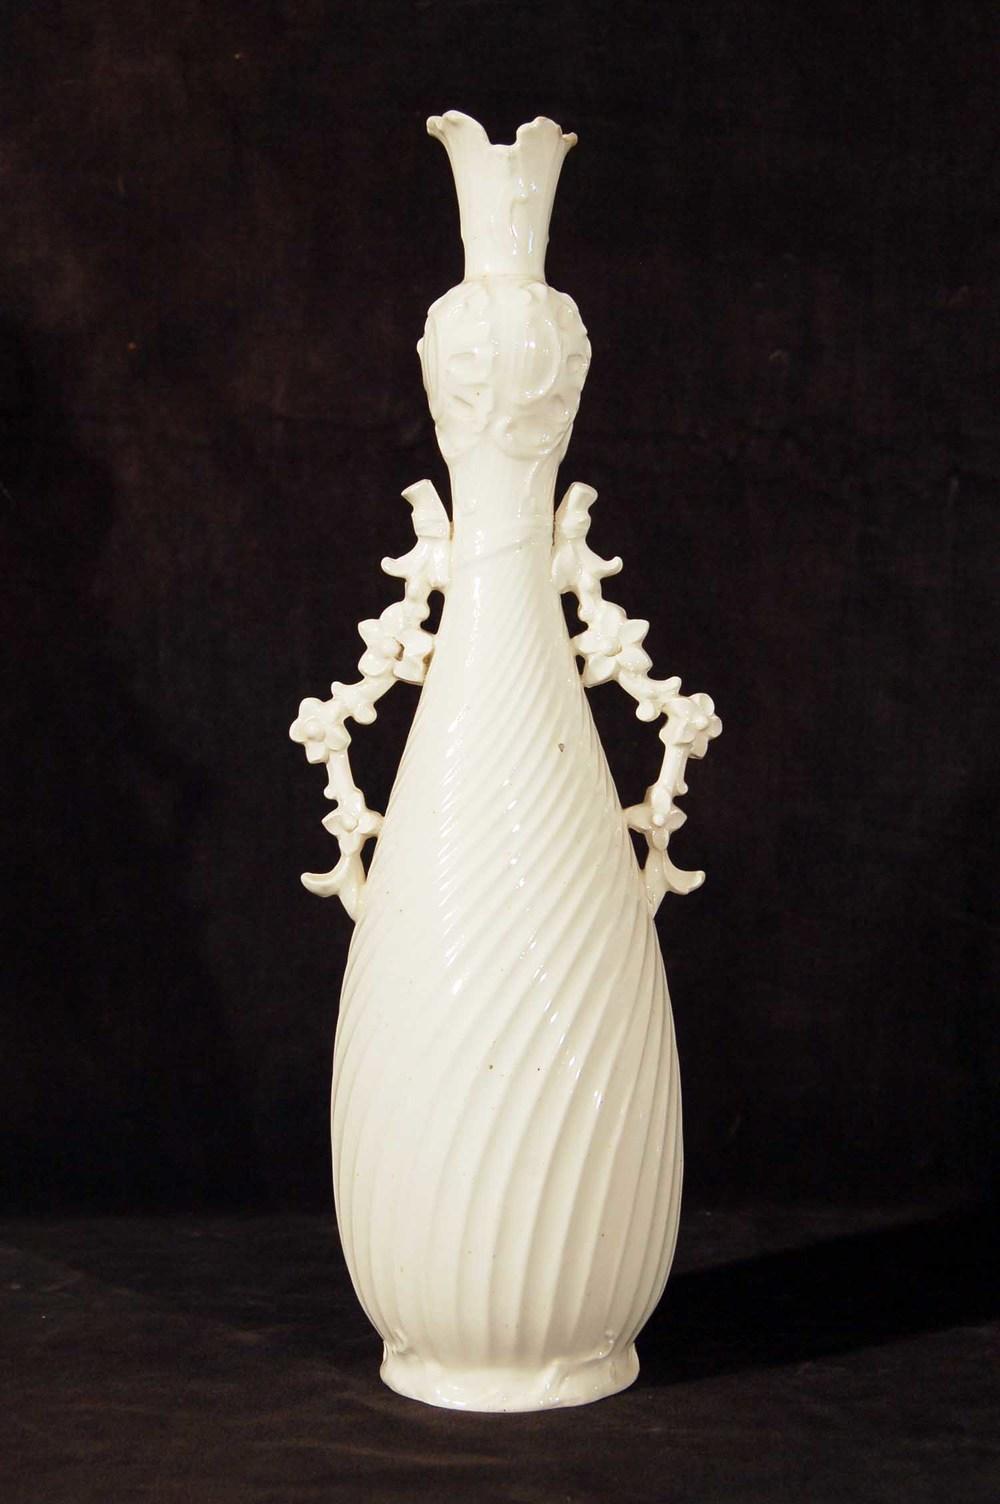 Vase Keramik, weiß glasiert; H: 33cm